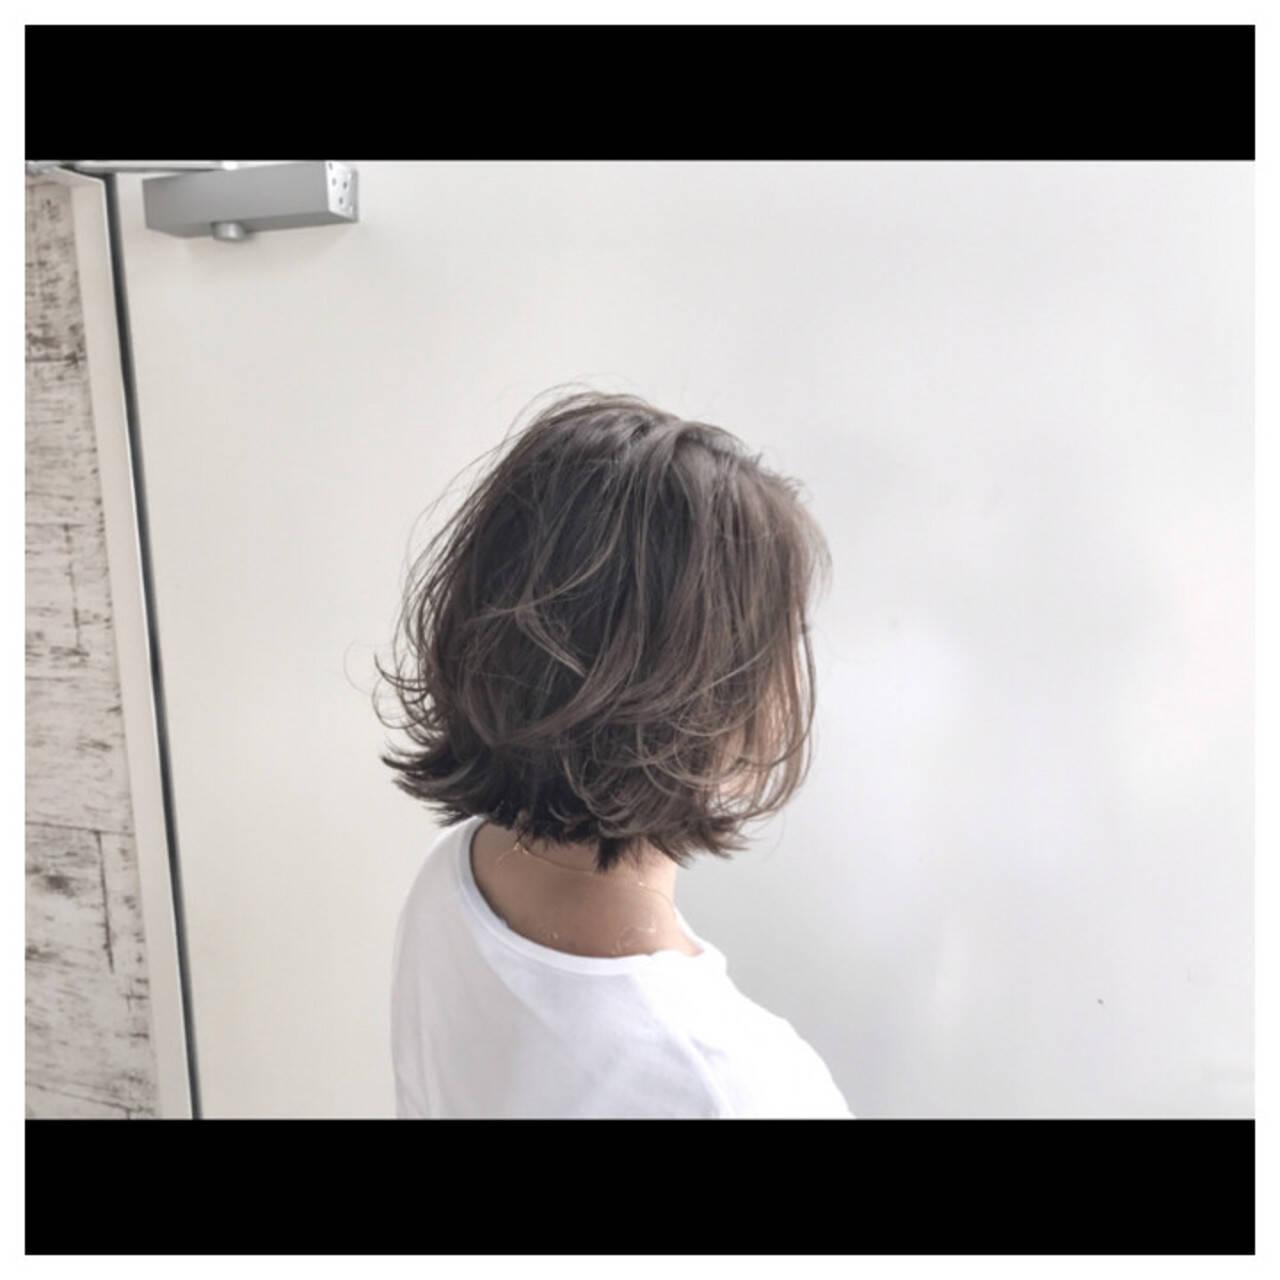 ハイライト おフェロ 抜け感 ボブヘアスタイルや髪型の写真・画像